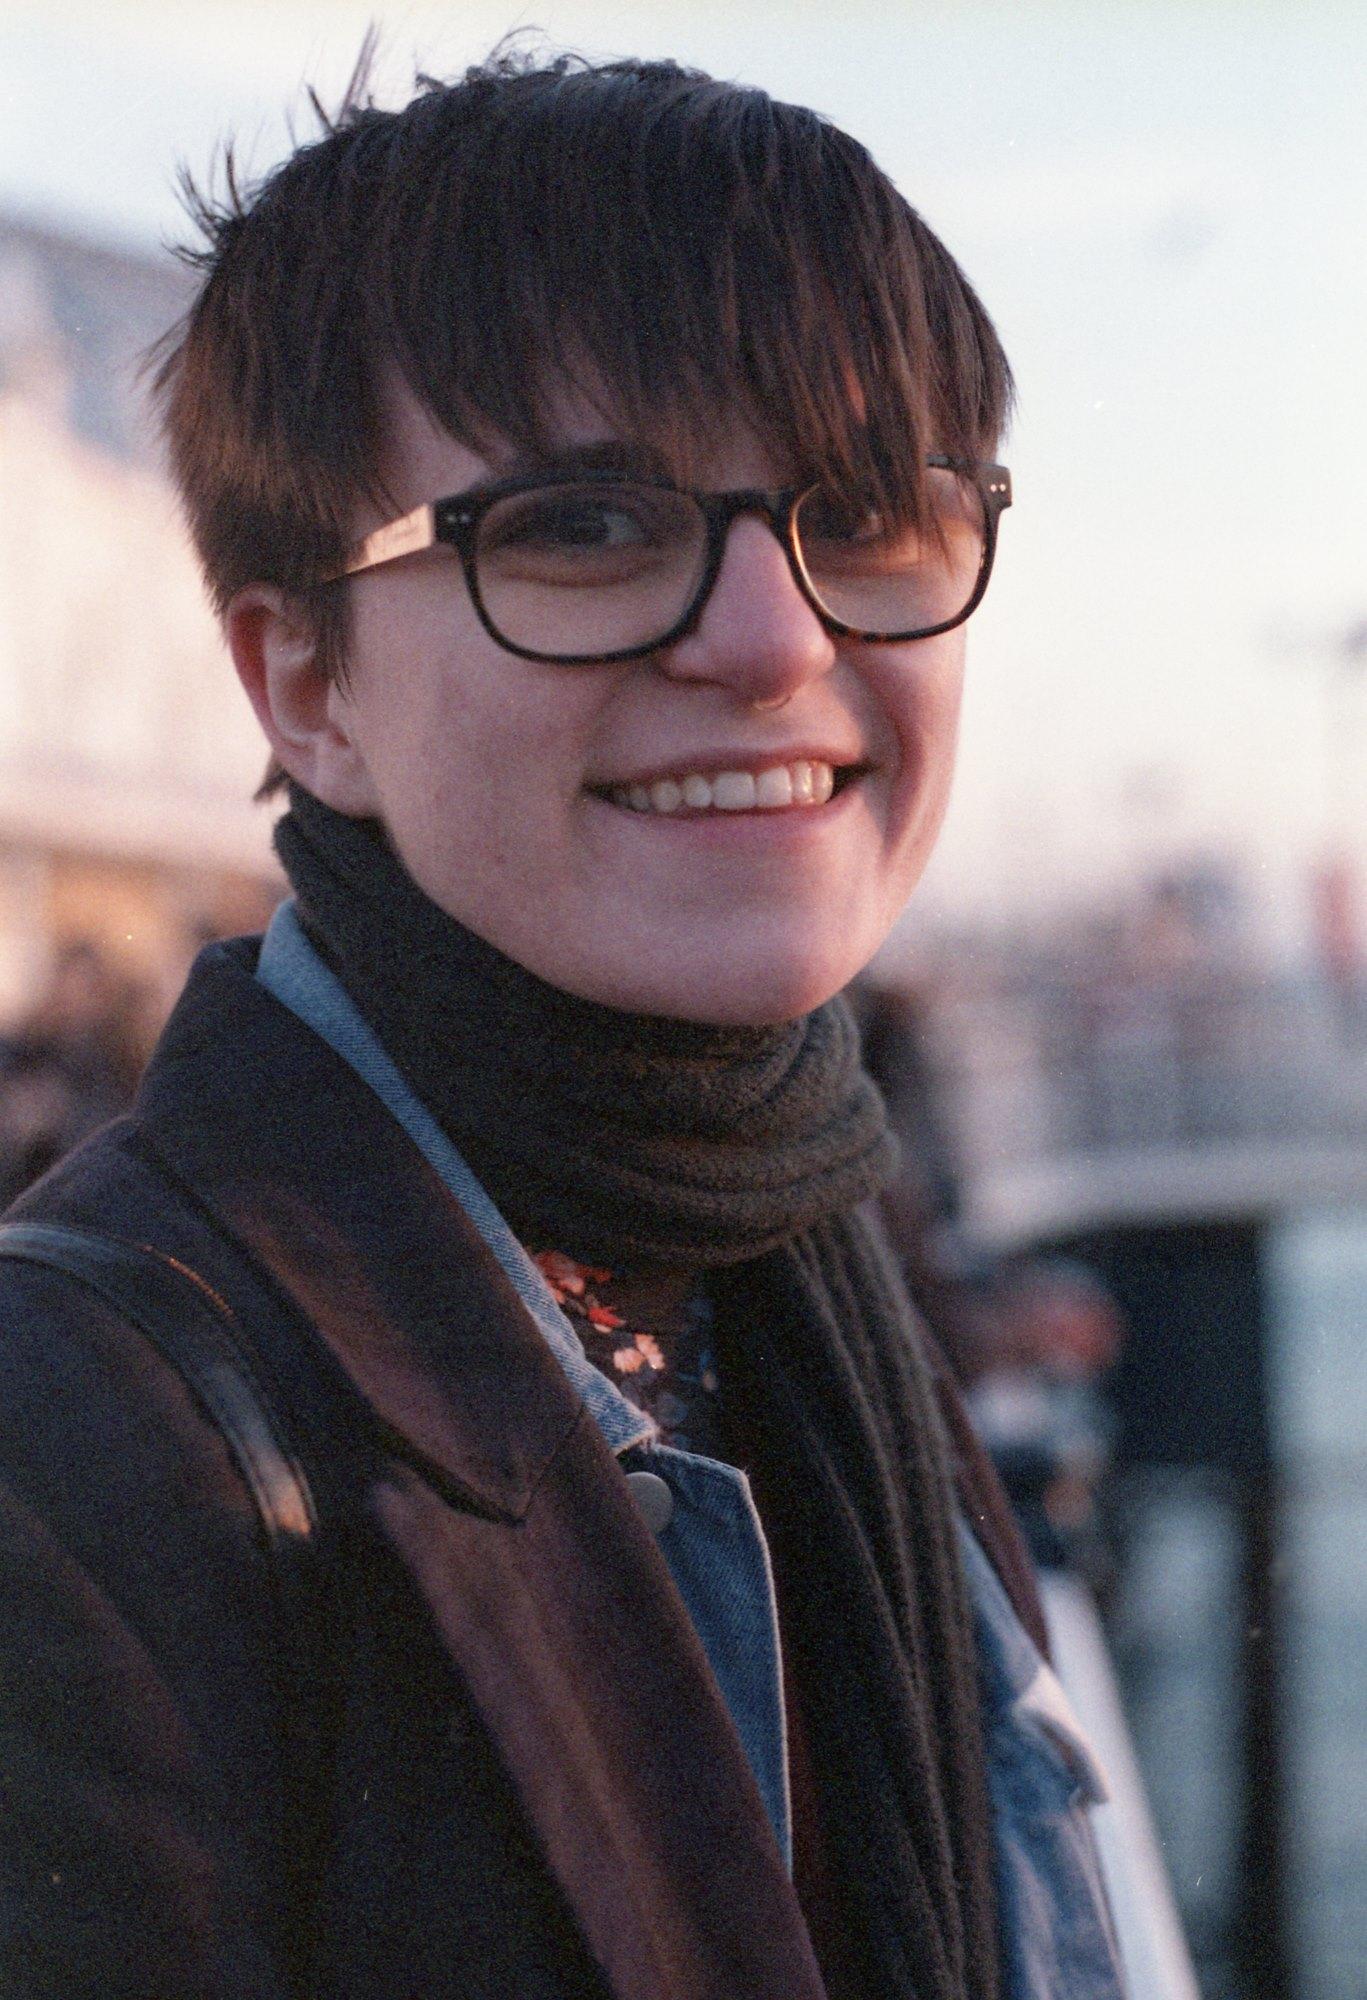 max herridge - photographer / writer -